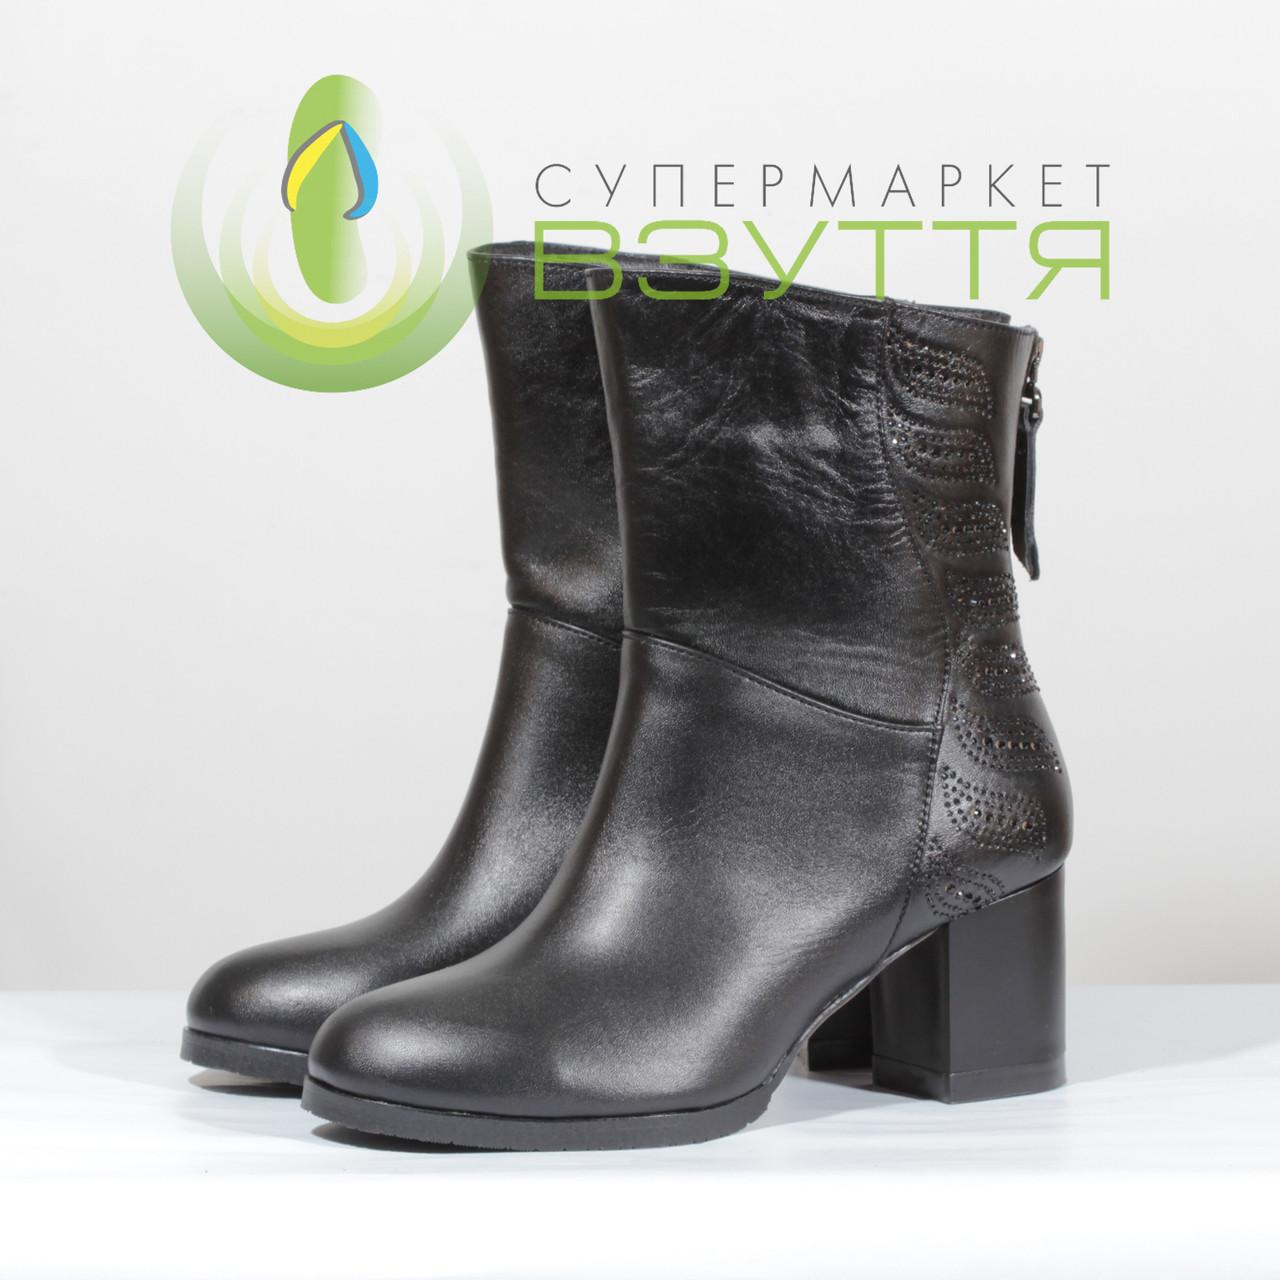 Жіночі демісезонні чоботи Foletti арт.630ч/до 36,38,40 розміри